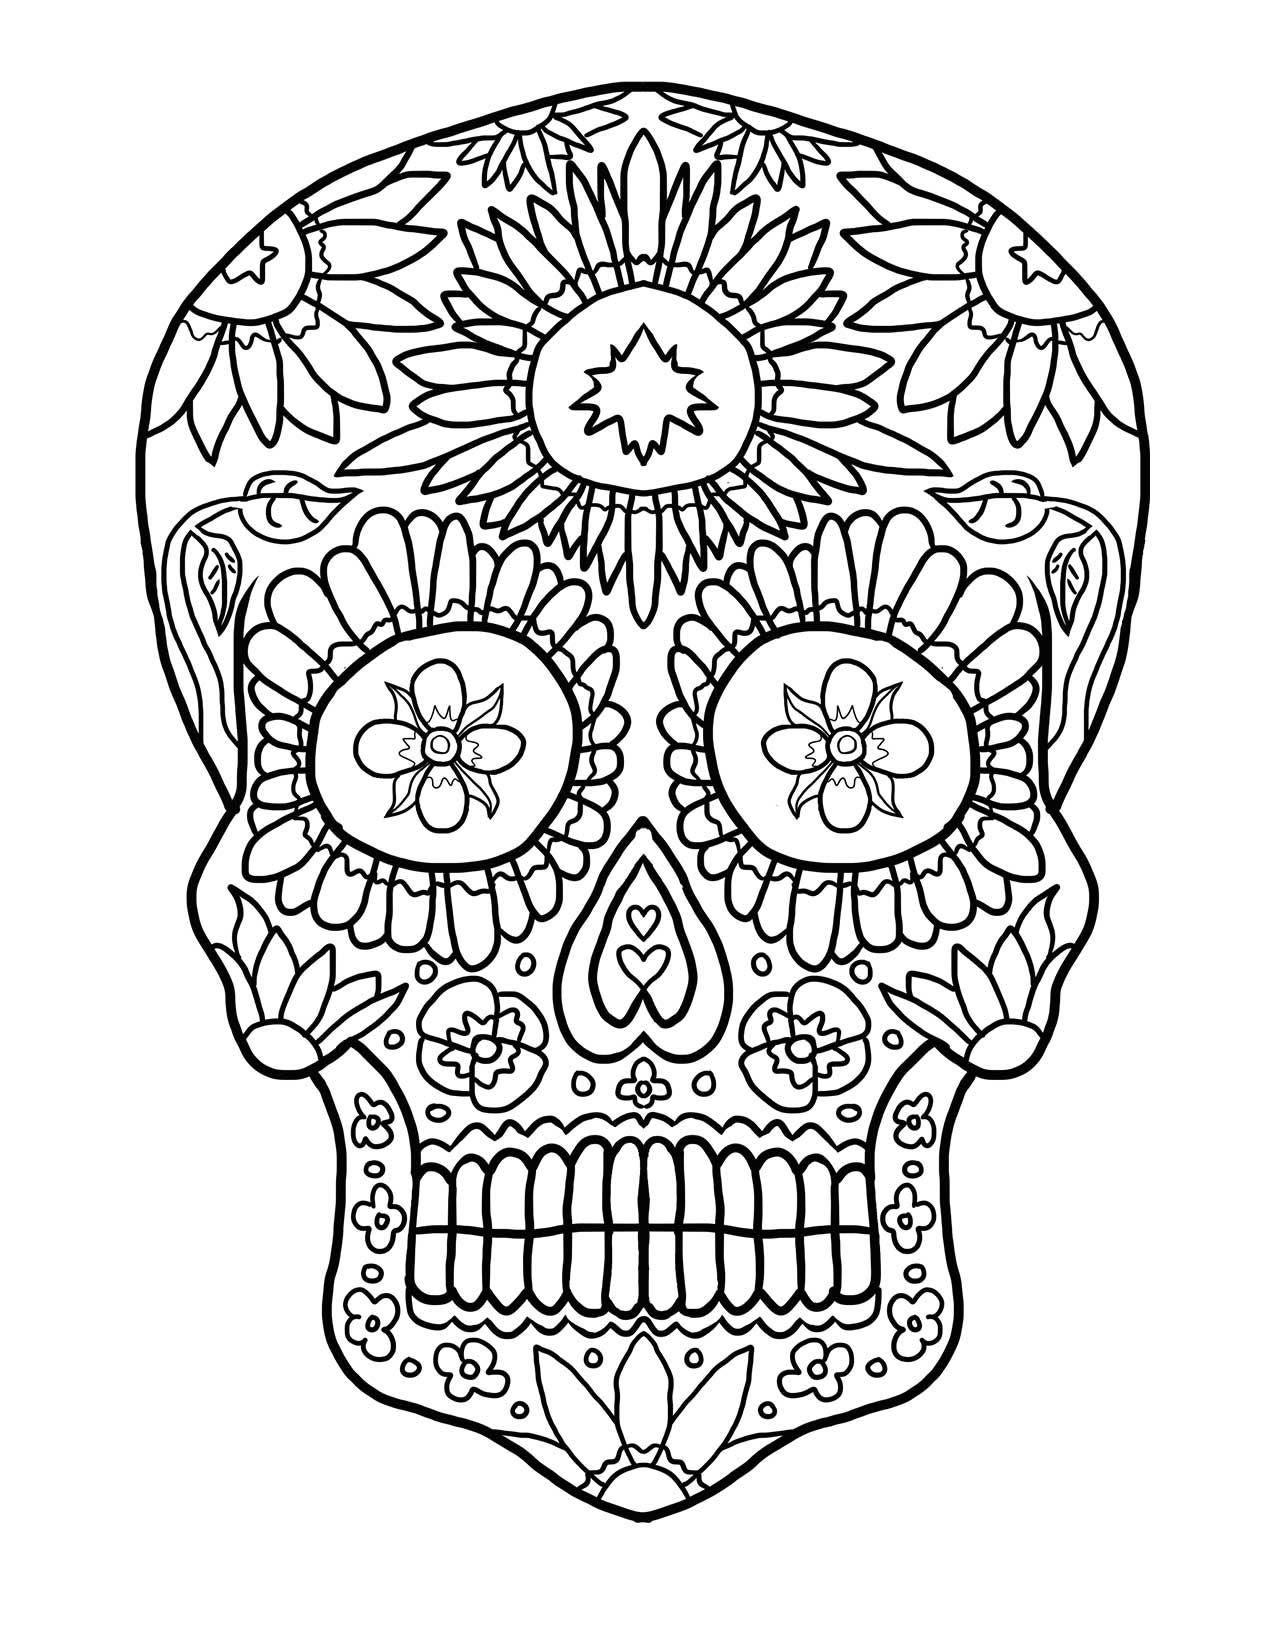 14 Imágenes De Calaveras Para Colorear Dibujo Para Imprimir